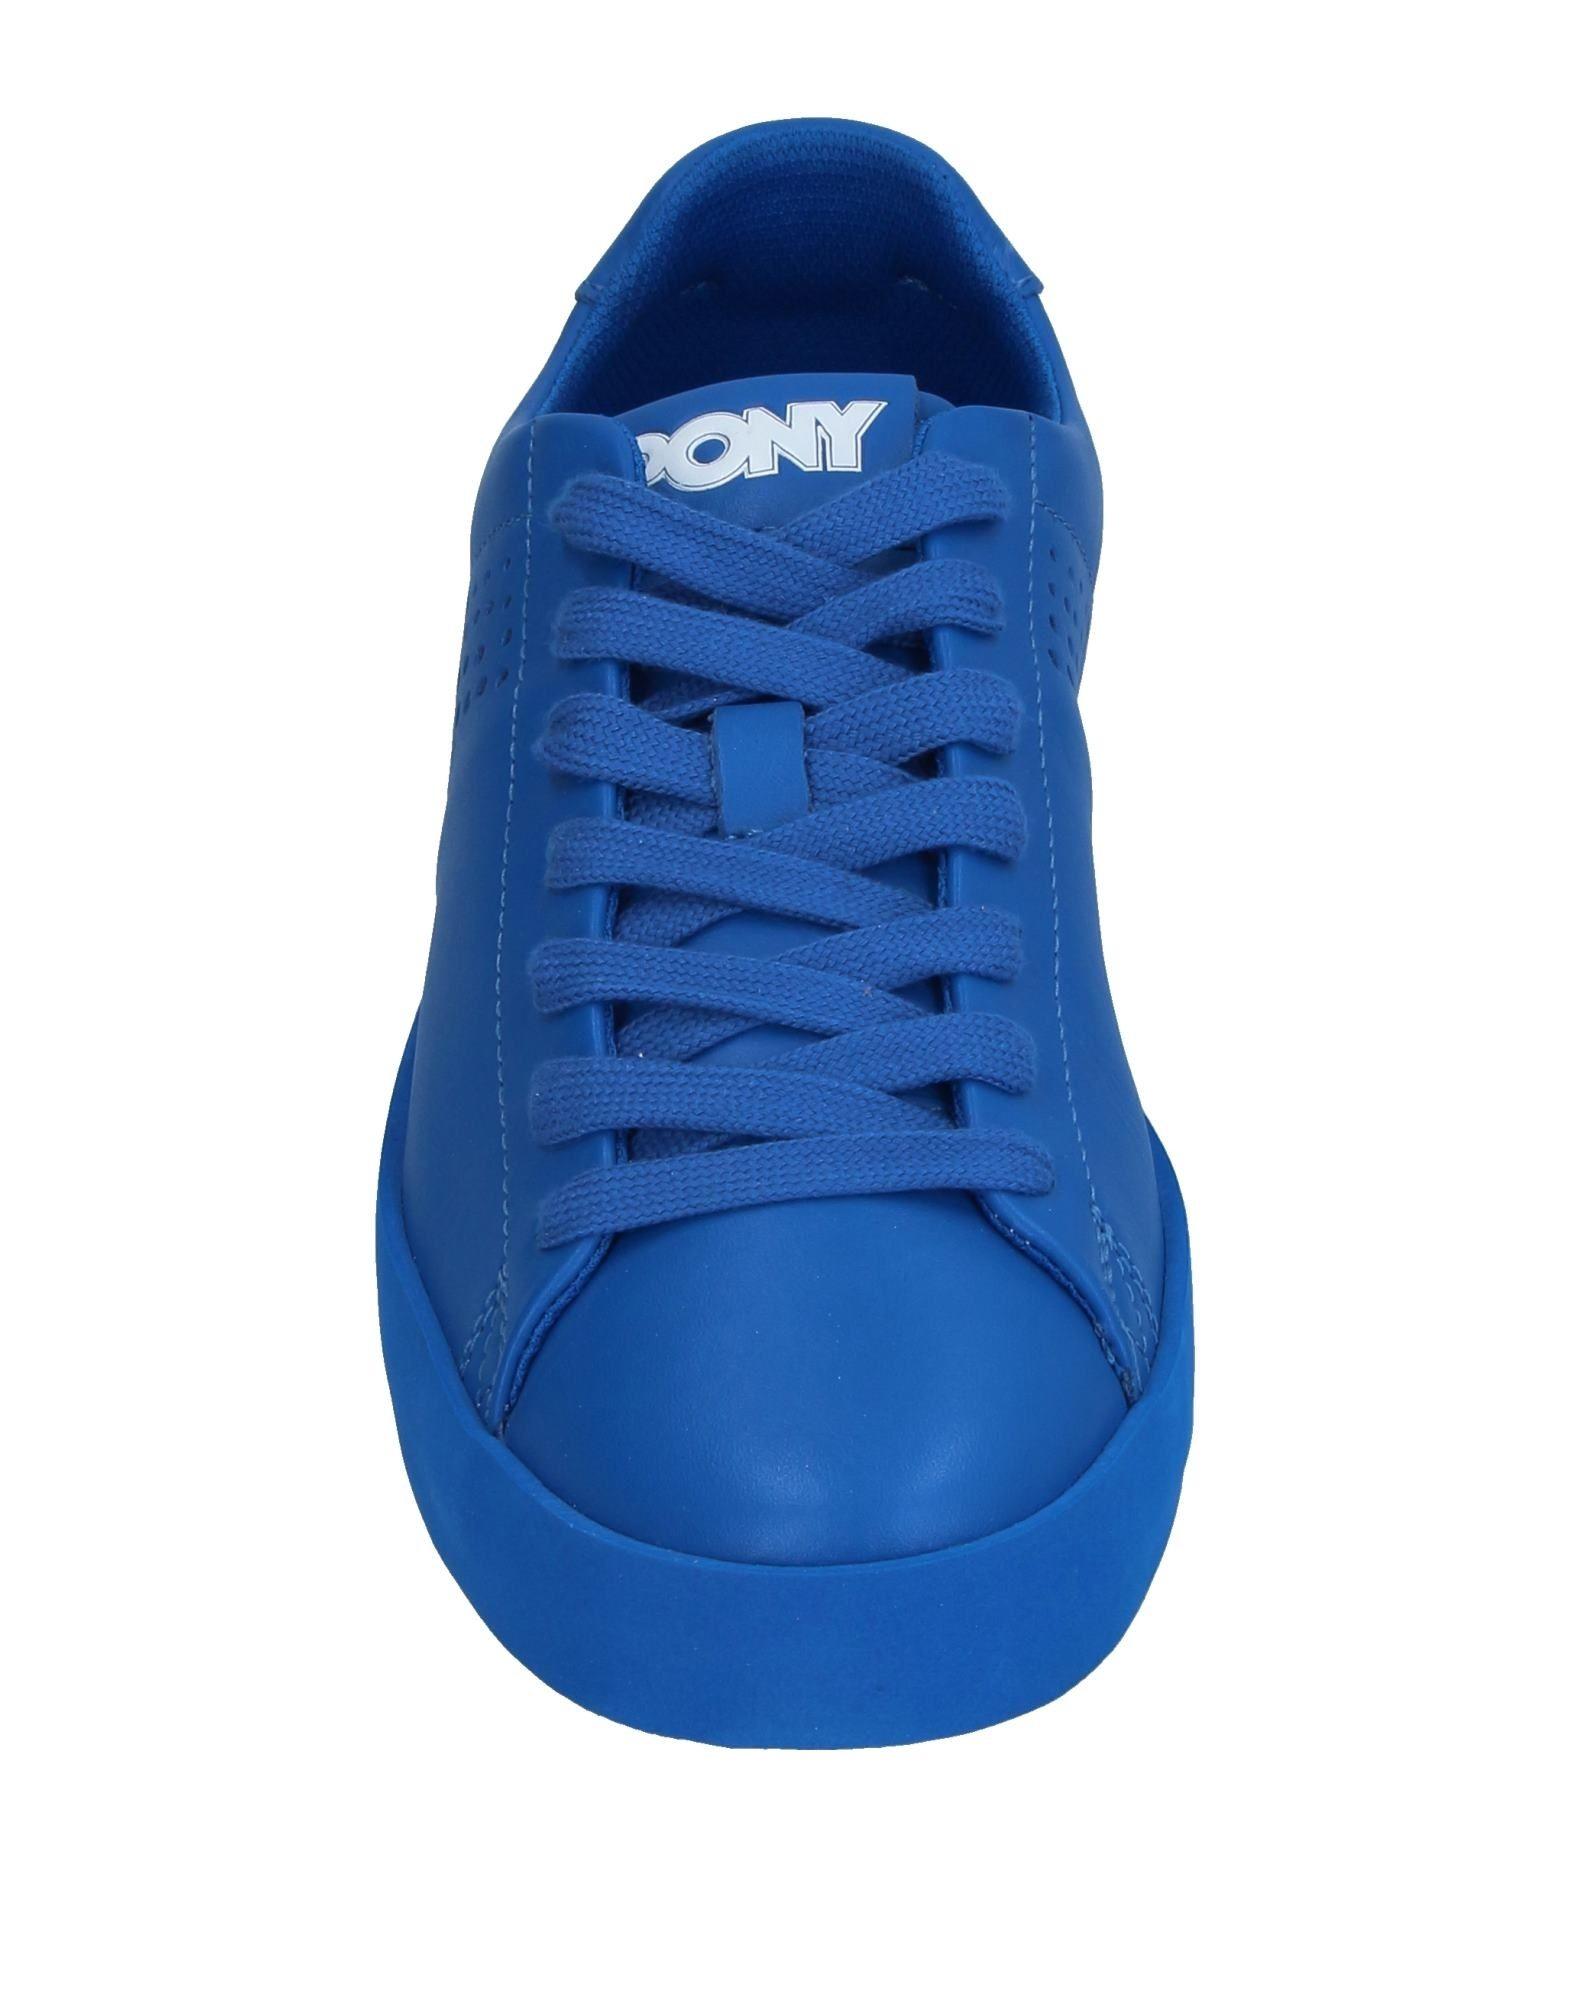 Rabatt Pony echte Schuhe Pony Rabatt Sneakers Herren  11340318VT 3cd102